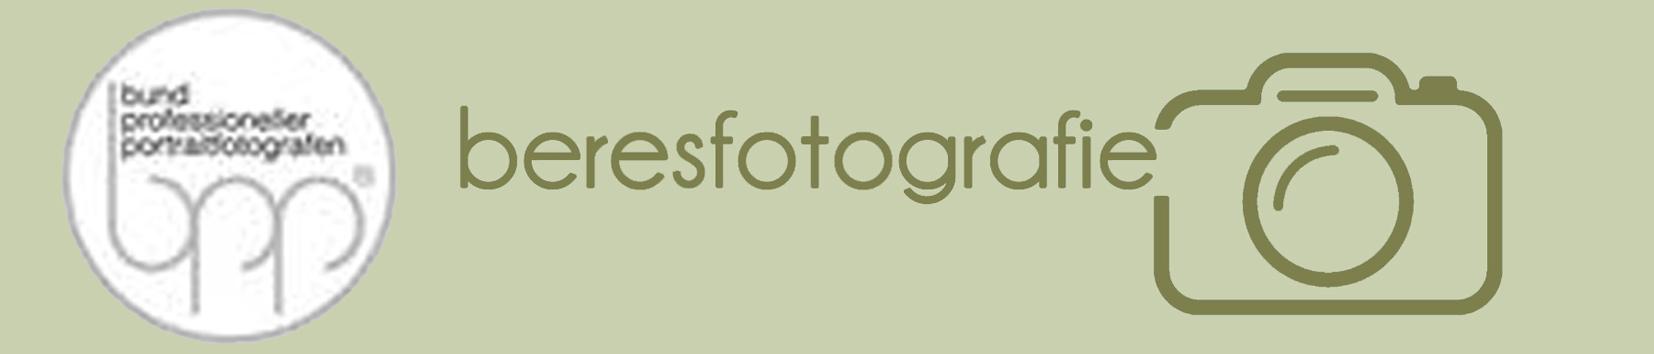 beresfotografie